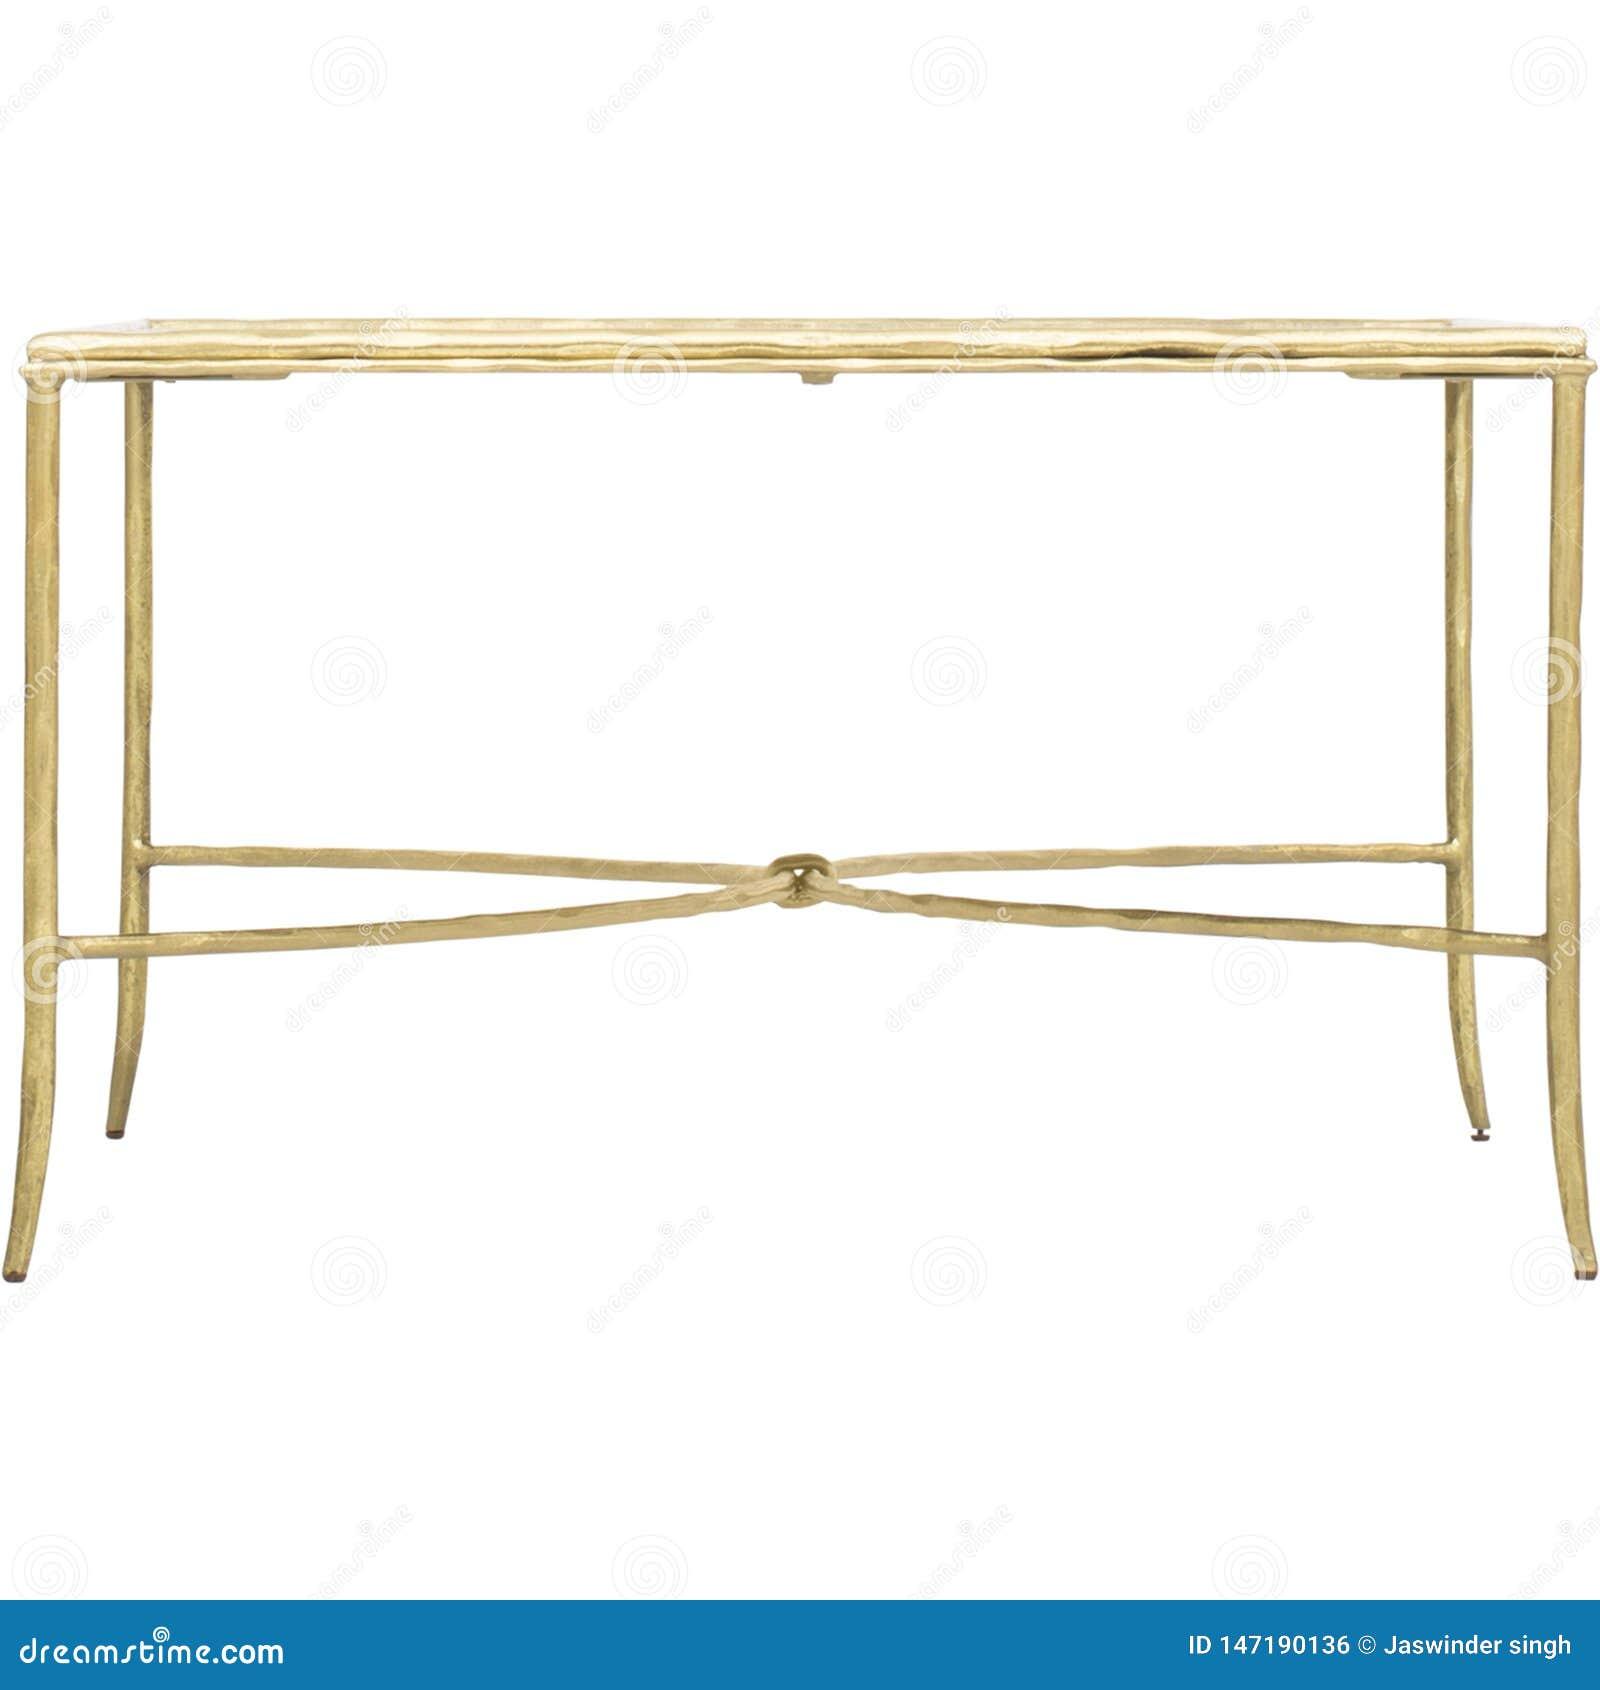 Clifton Writing Desk, Gold/wei?er, widergespiegelter Fernsehstand-Tisch f?r Systemkonsole mit Fach, Zwei-Fach-Schreibtisch mit we